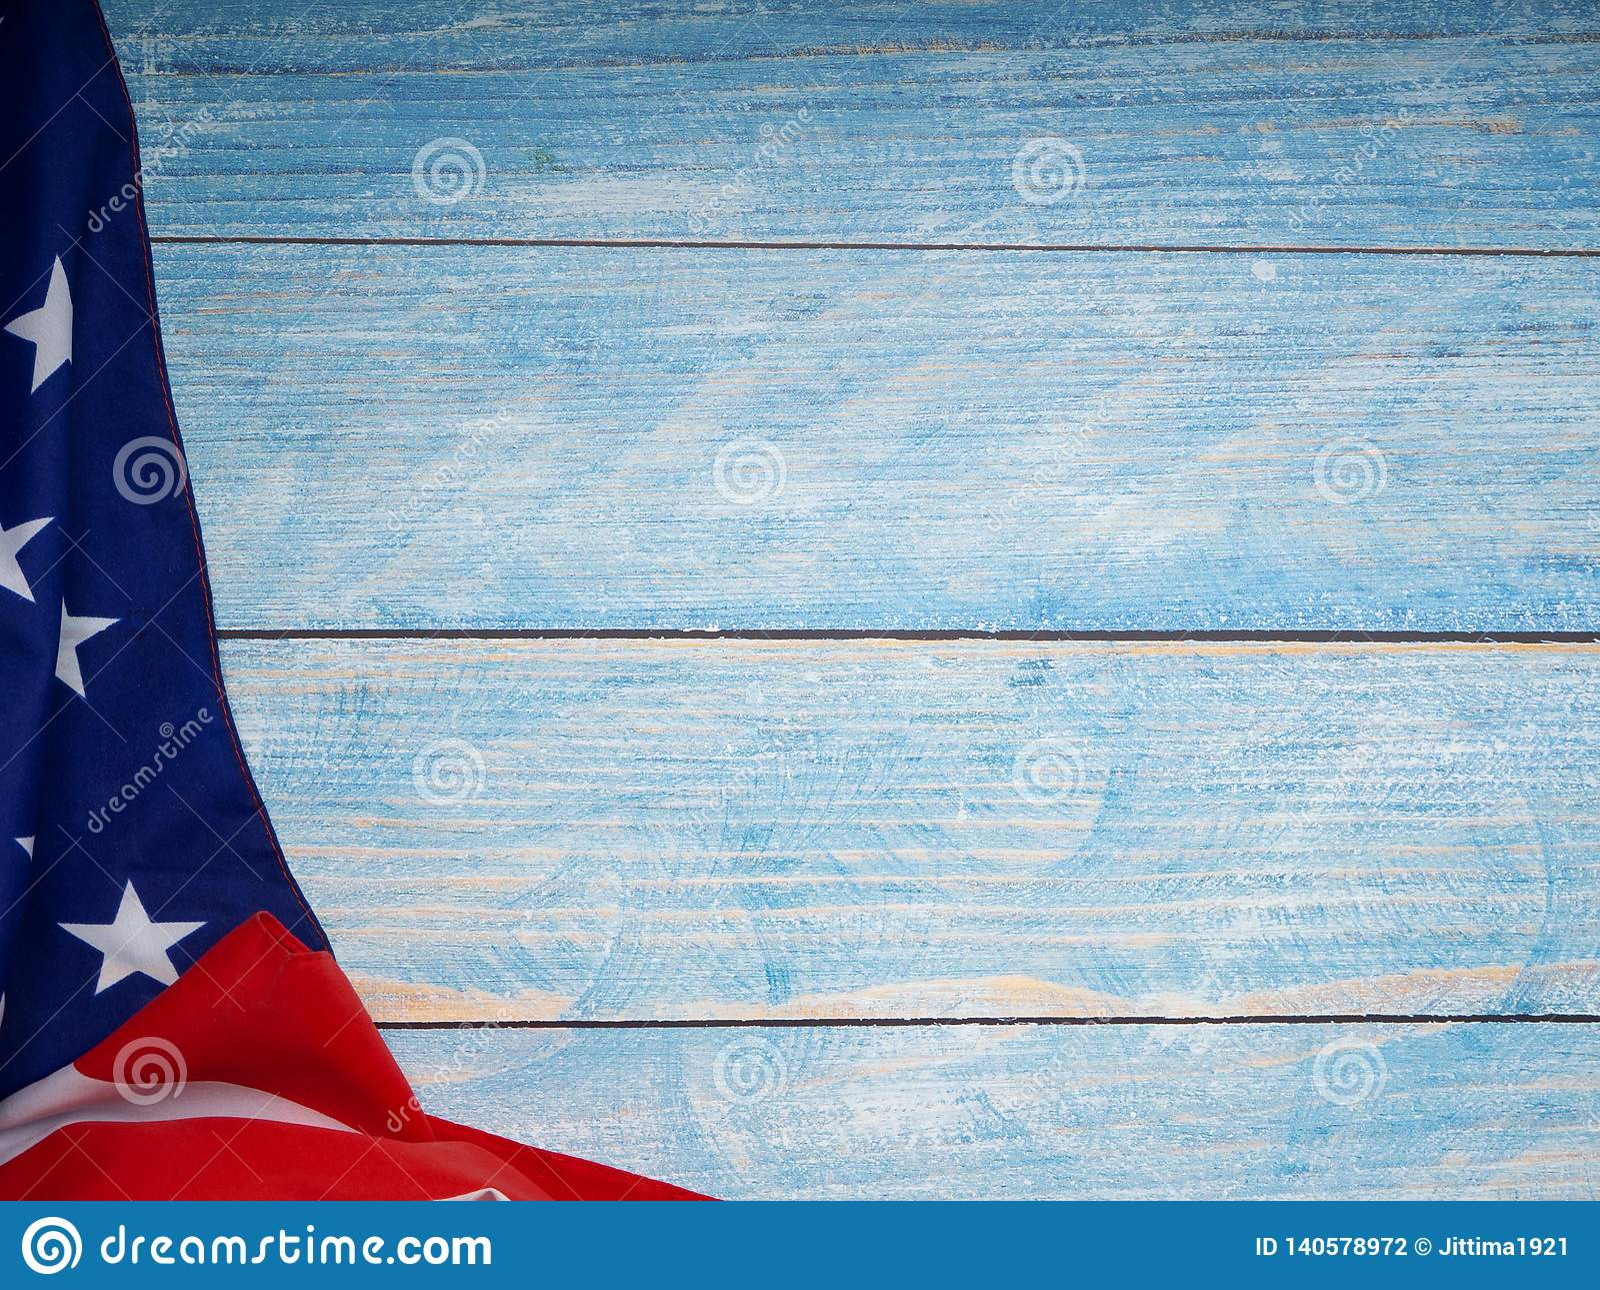 Αμερικανική σημαία μπλε σε ξύλινο